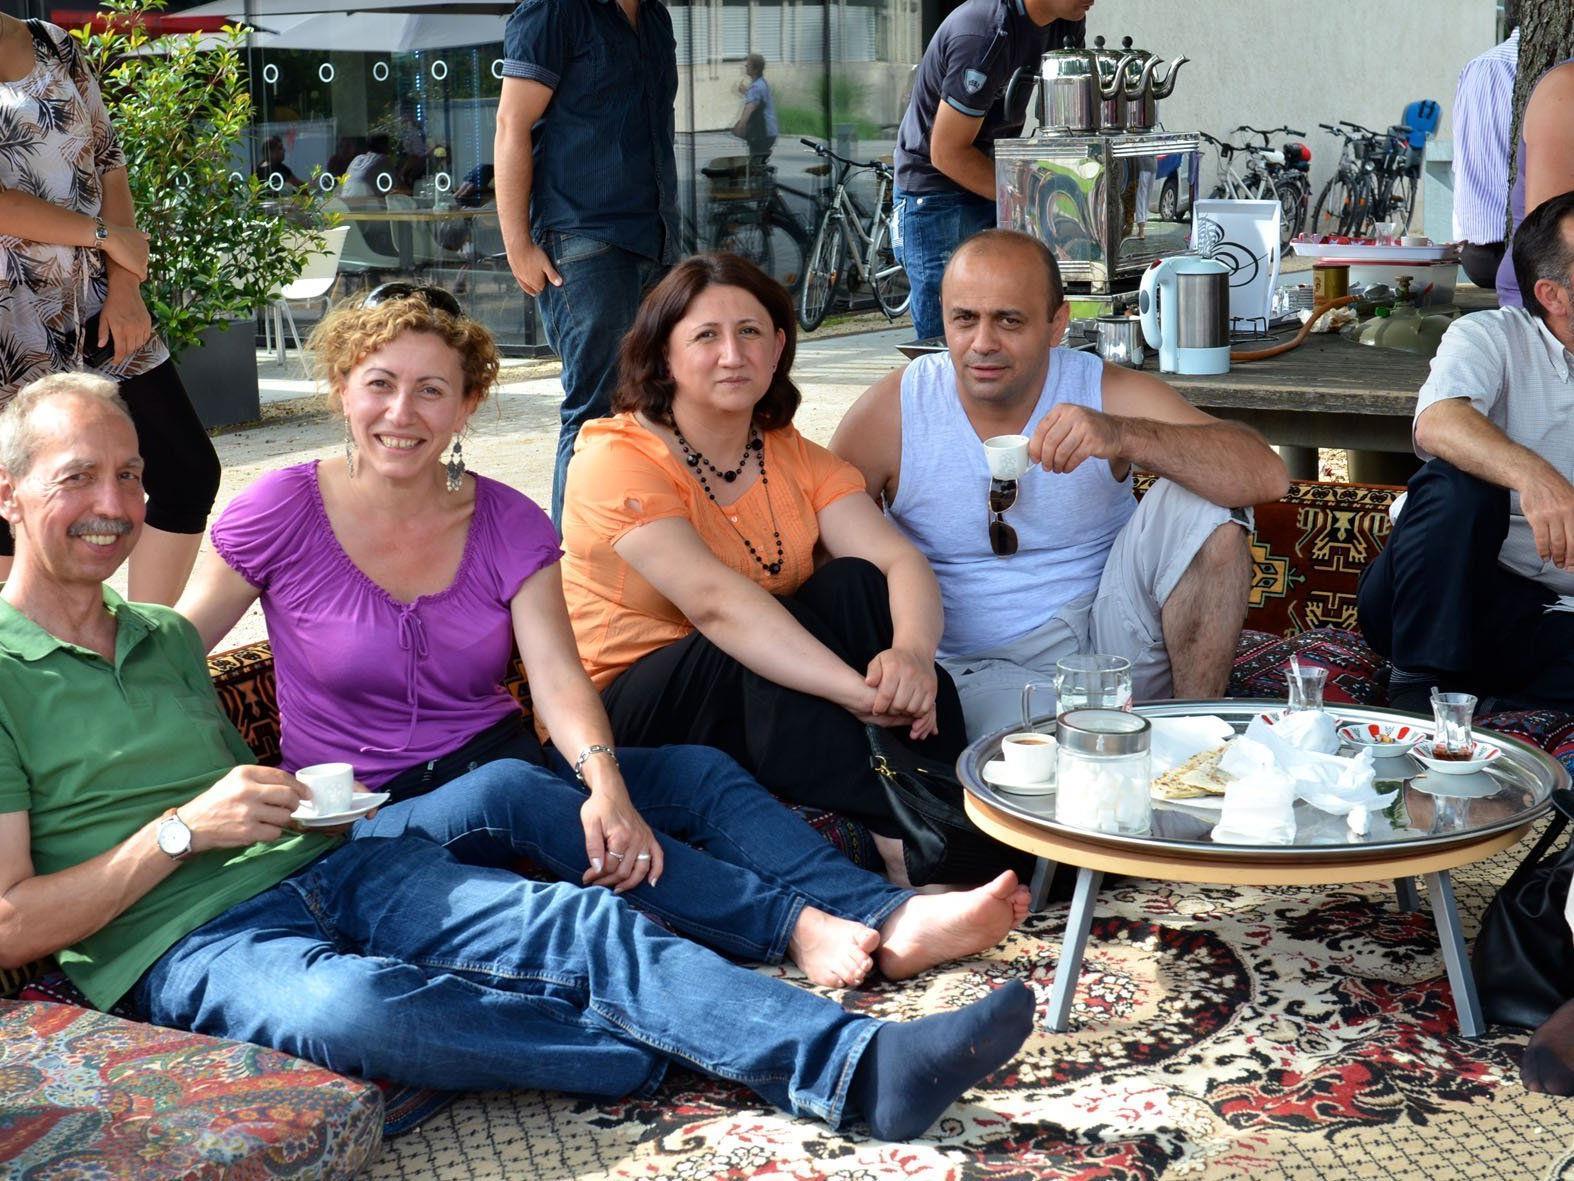 Die Marktgemeinde Rankweil lädt am kommenden Sonntag zum Fest der Kulturen auf den Marktplatz ein.